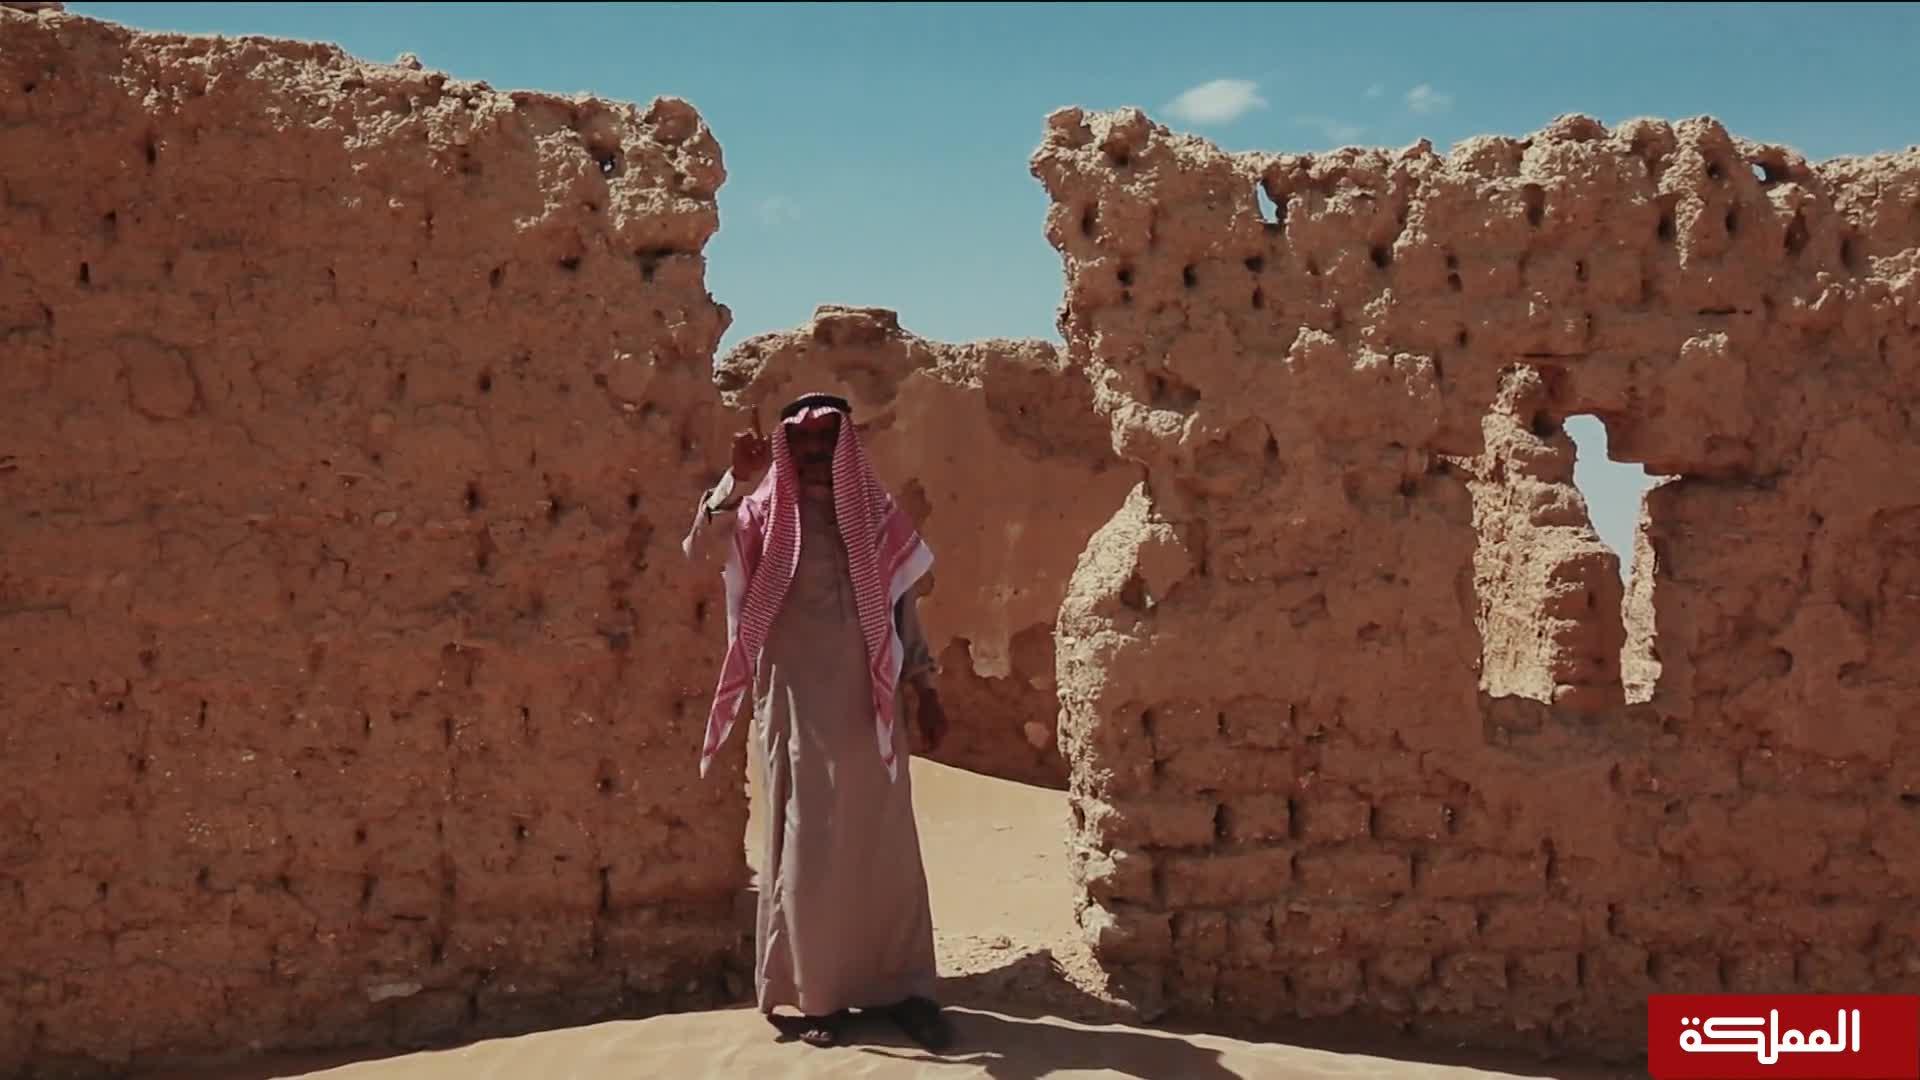 بوح القرى | قرية الجفر